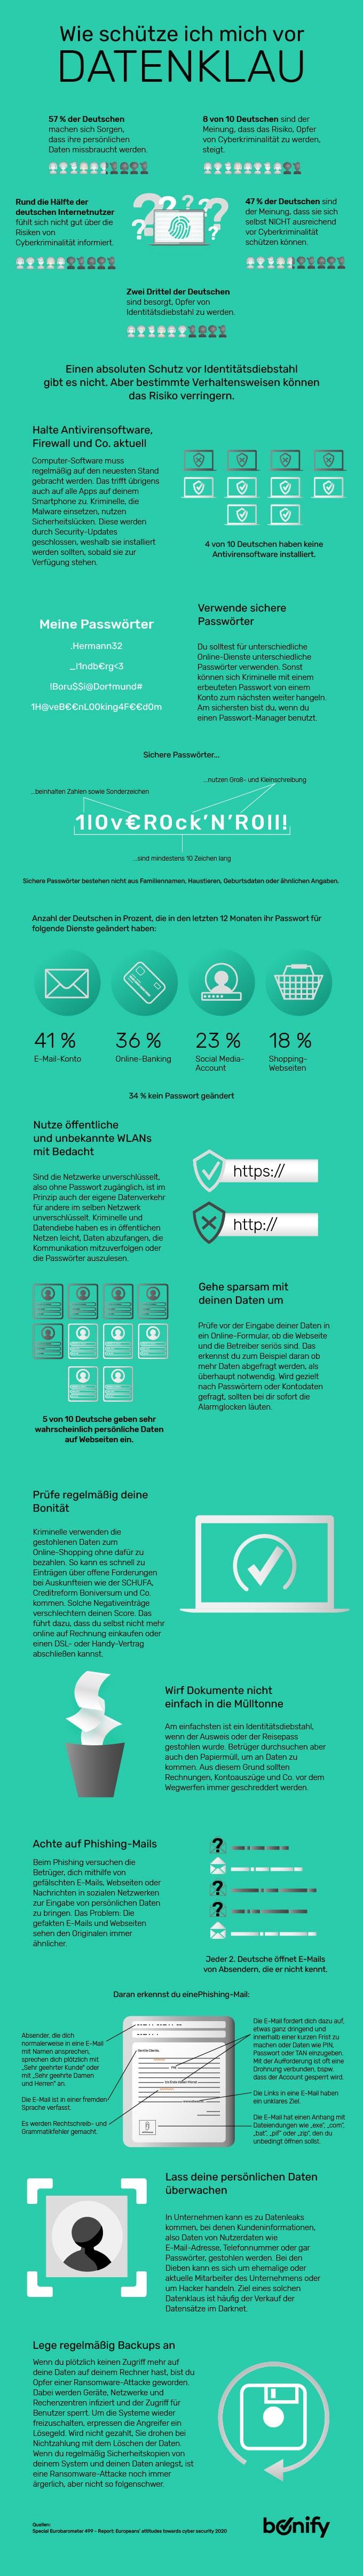 bonify IdentProtect Infografik 2 - Wie schütze ich mich vor Datenklau / Identitätsdiebstahl